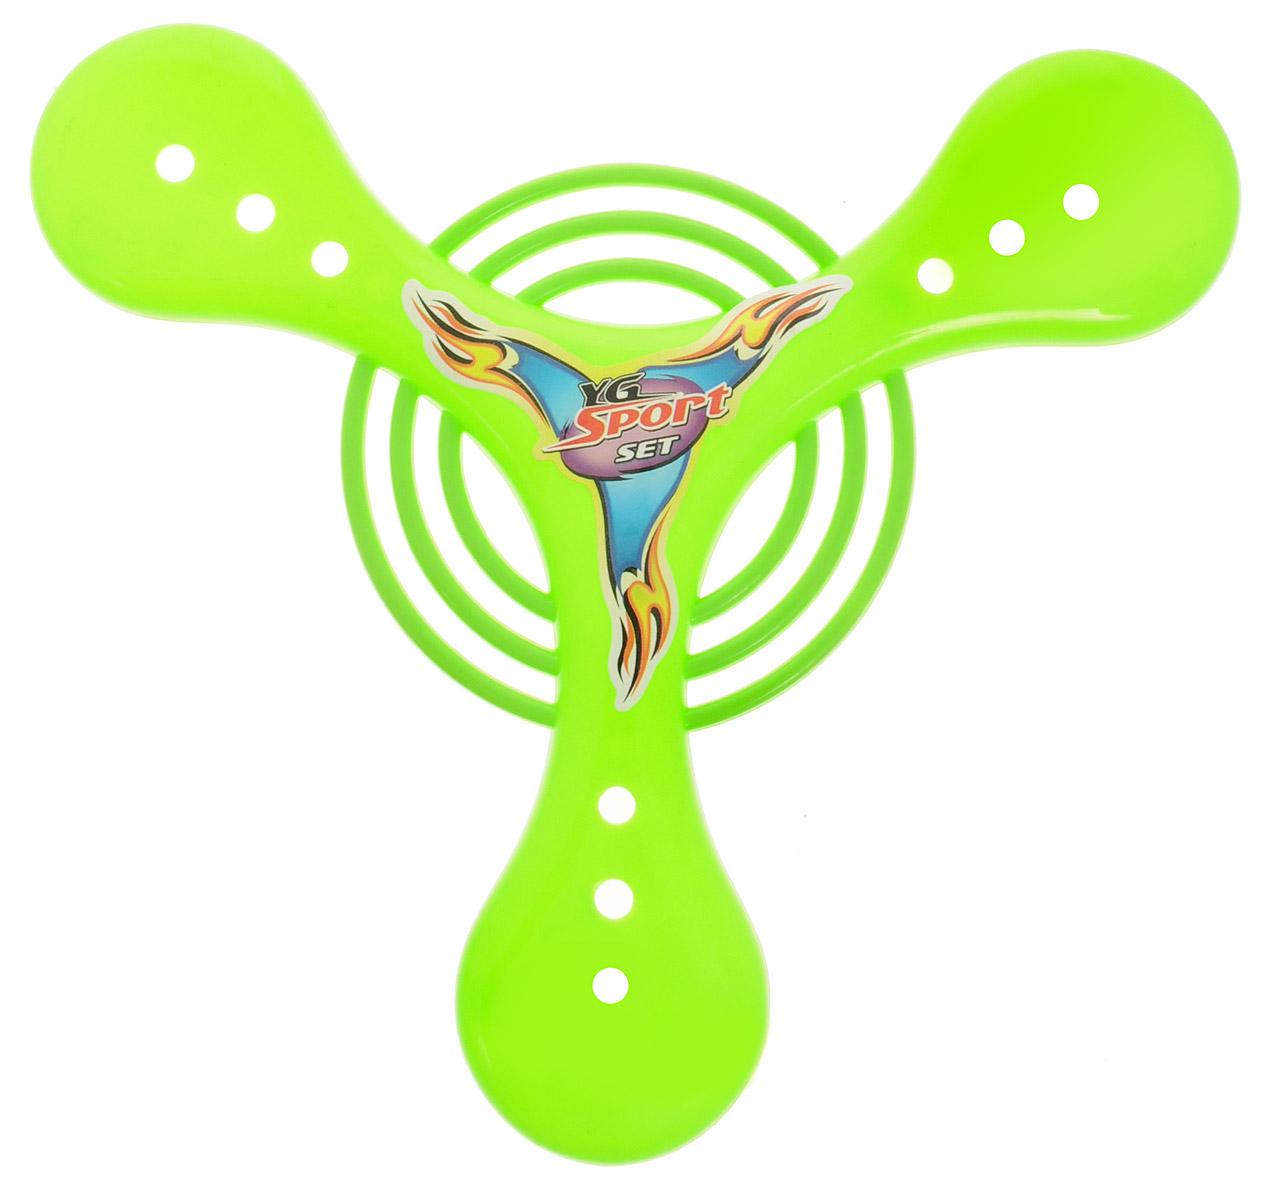 YG Sport Бумеранг цвет салатовый YG05JYG05JБумеранг YG Sport имеет удивительное свойство - он всегда возвращается в точку броска! Удивите своих друзей и близких! Бумеранг прекрасно развивает ловкость, координацию движений и быстроту реакции. А еще, если проявить фантазию, с бумерангом можно придумать различные подвижные игры! Игрушка изготовлена из качественного и безопасного пластика.